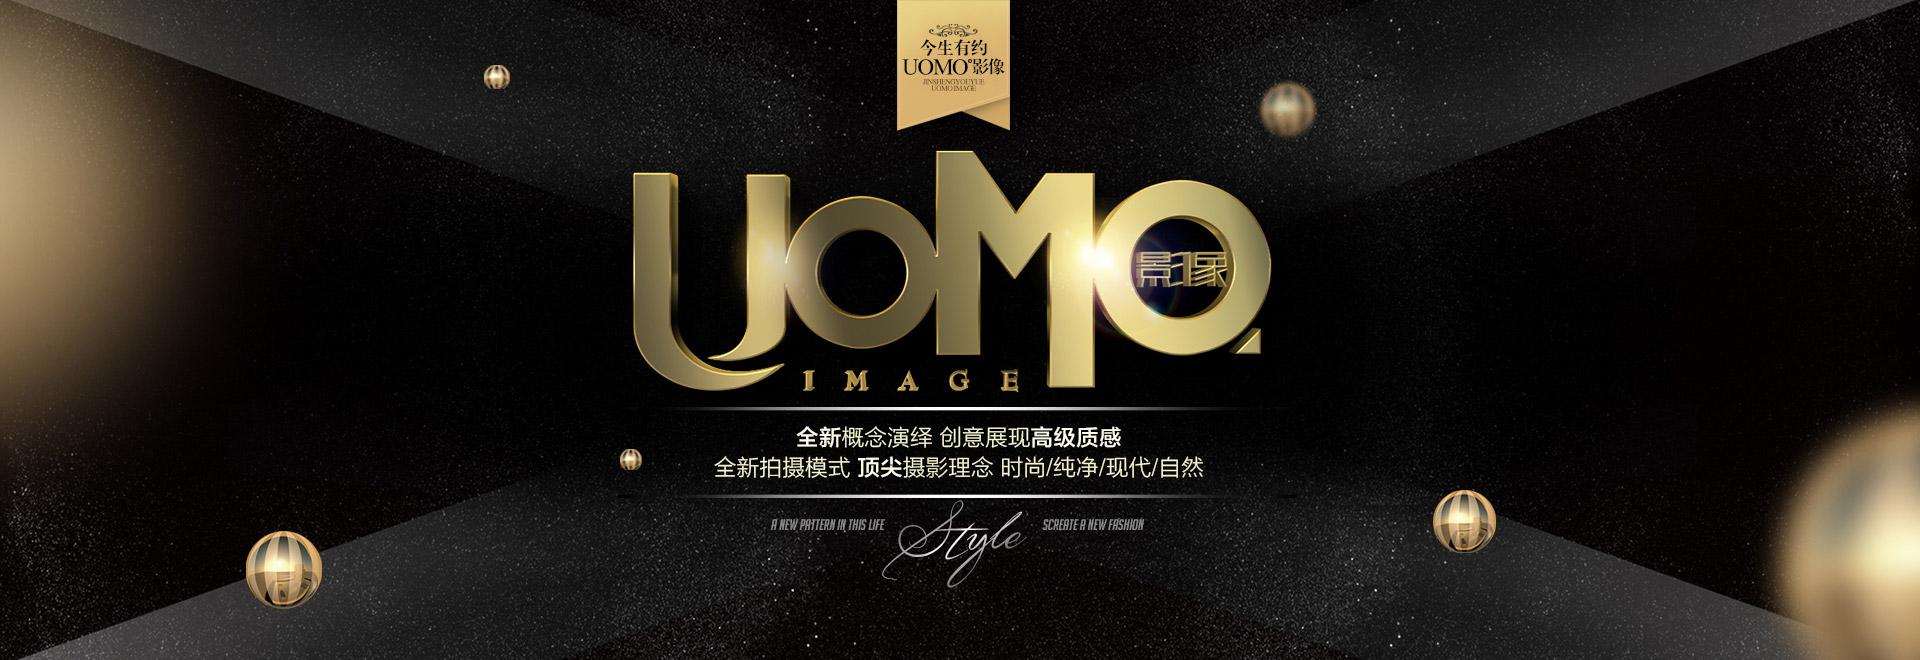 【UOMO全新片场】震撼来袭